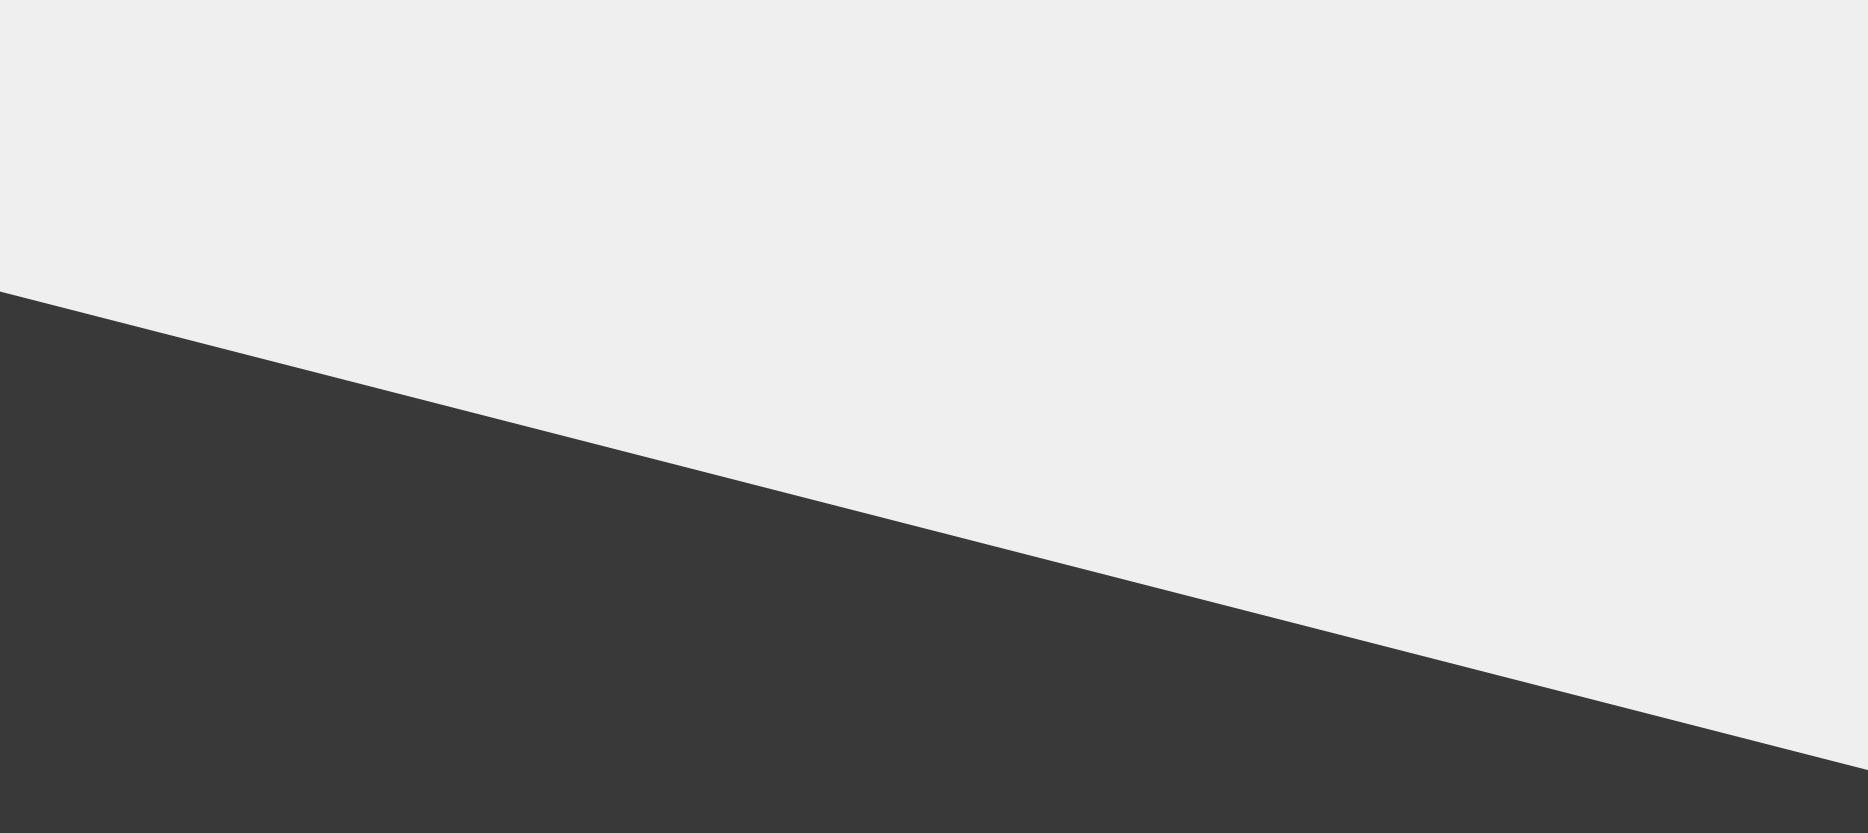 TG-grey-background